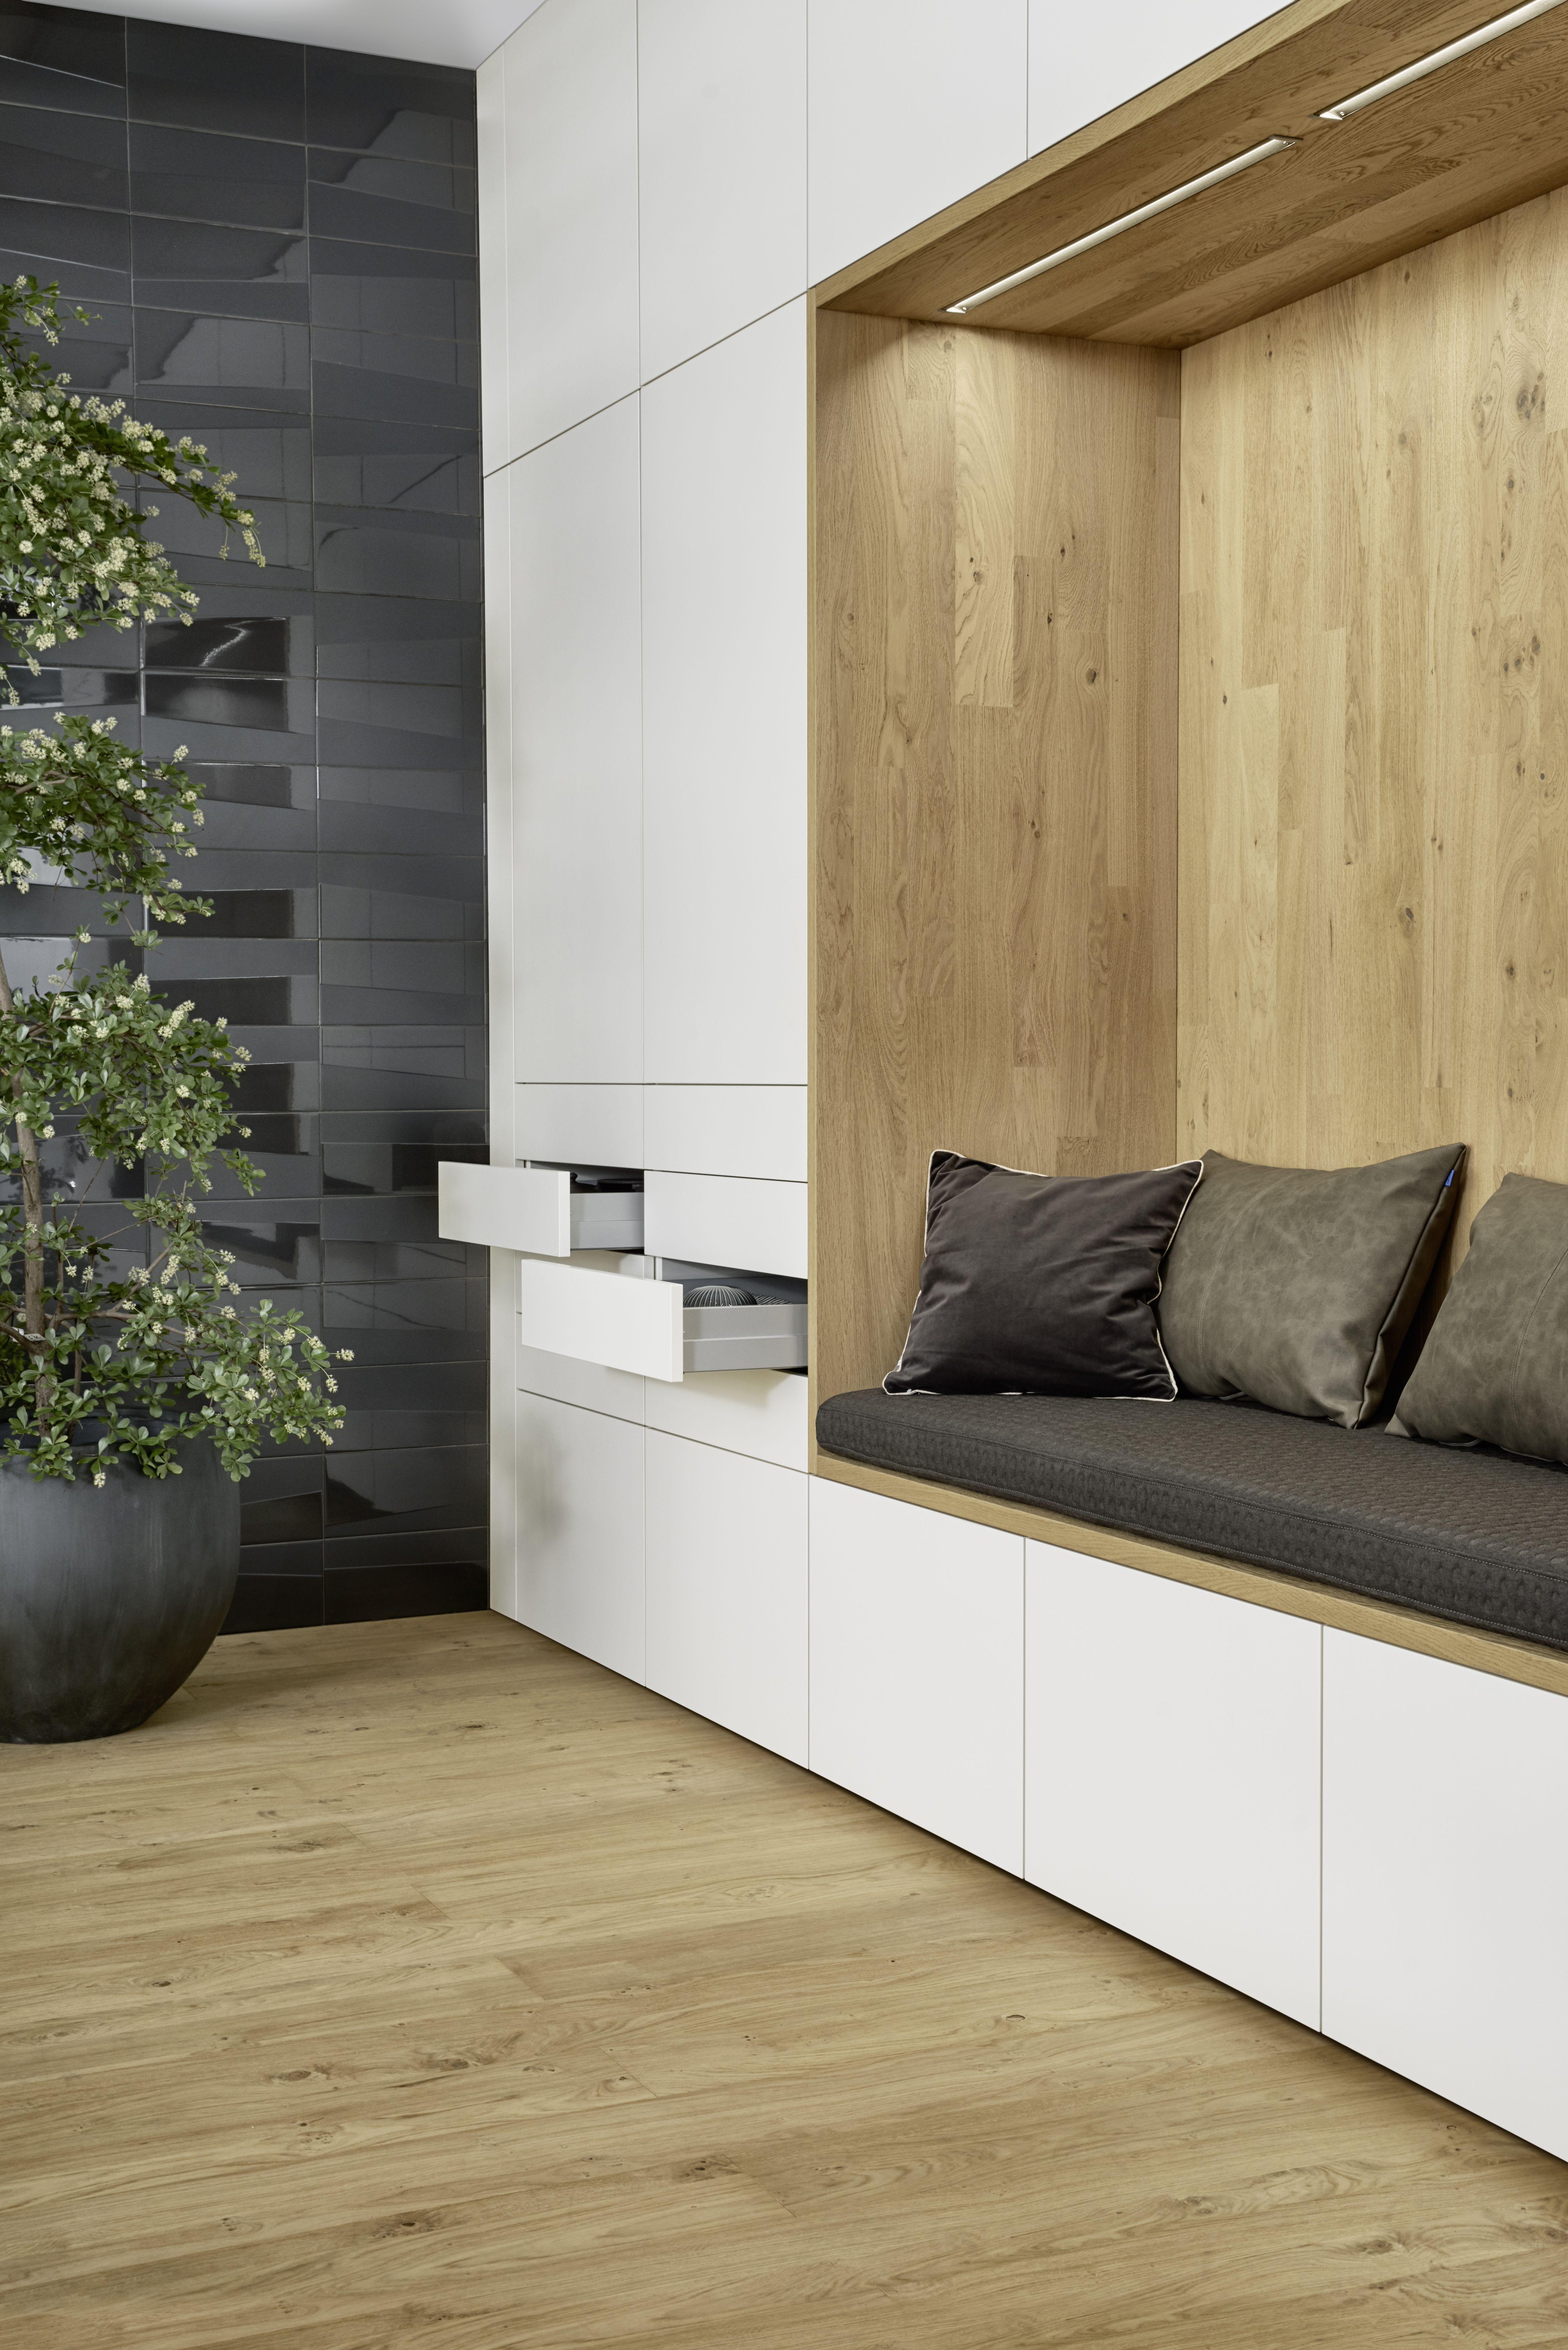 LEICHT BONDI-E | XYLO #Sitzecke #Sitzbank #Küchenraum #weißeKüche #modern #solebich #Küchentraum #weiß #Holz